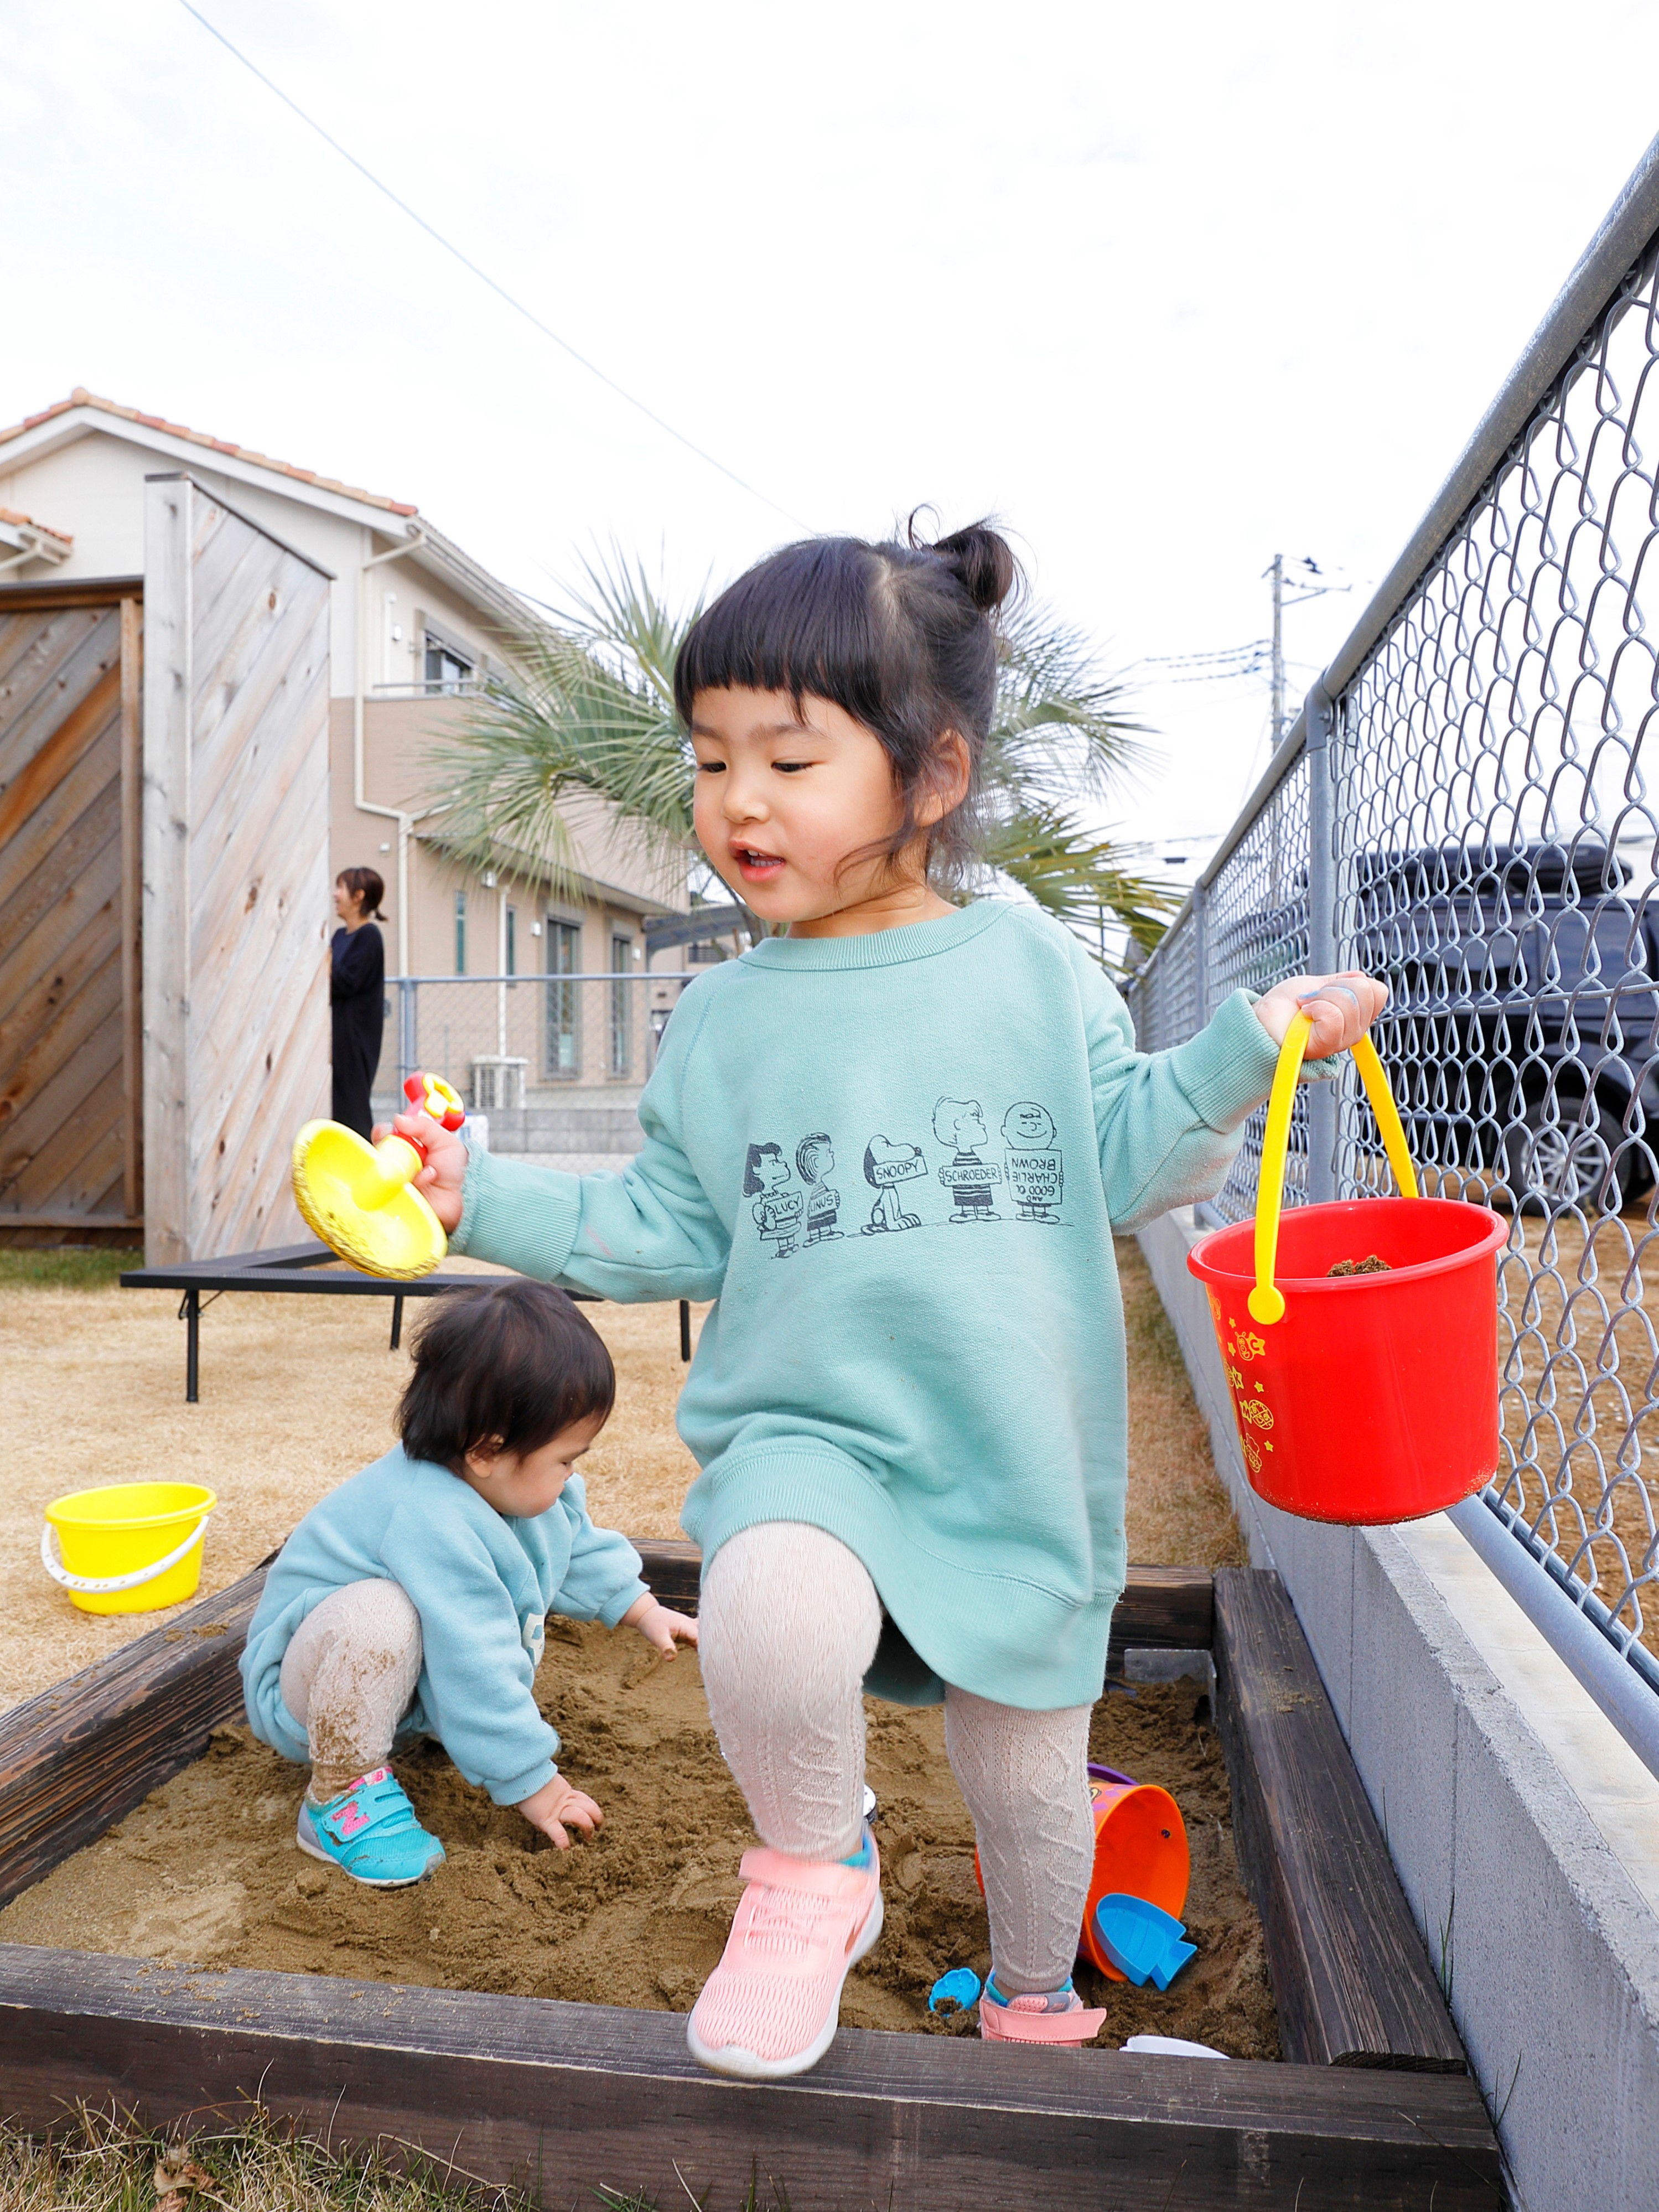 ご主人お手製の砂場で楽しそうに遊ぶ子供たち